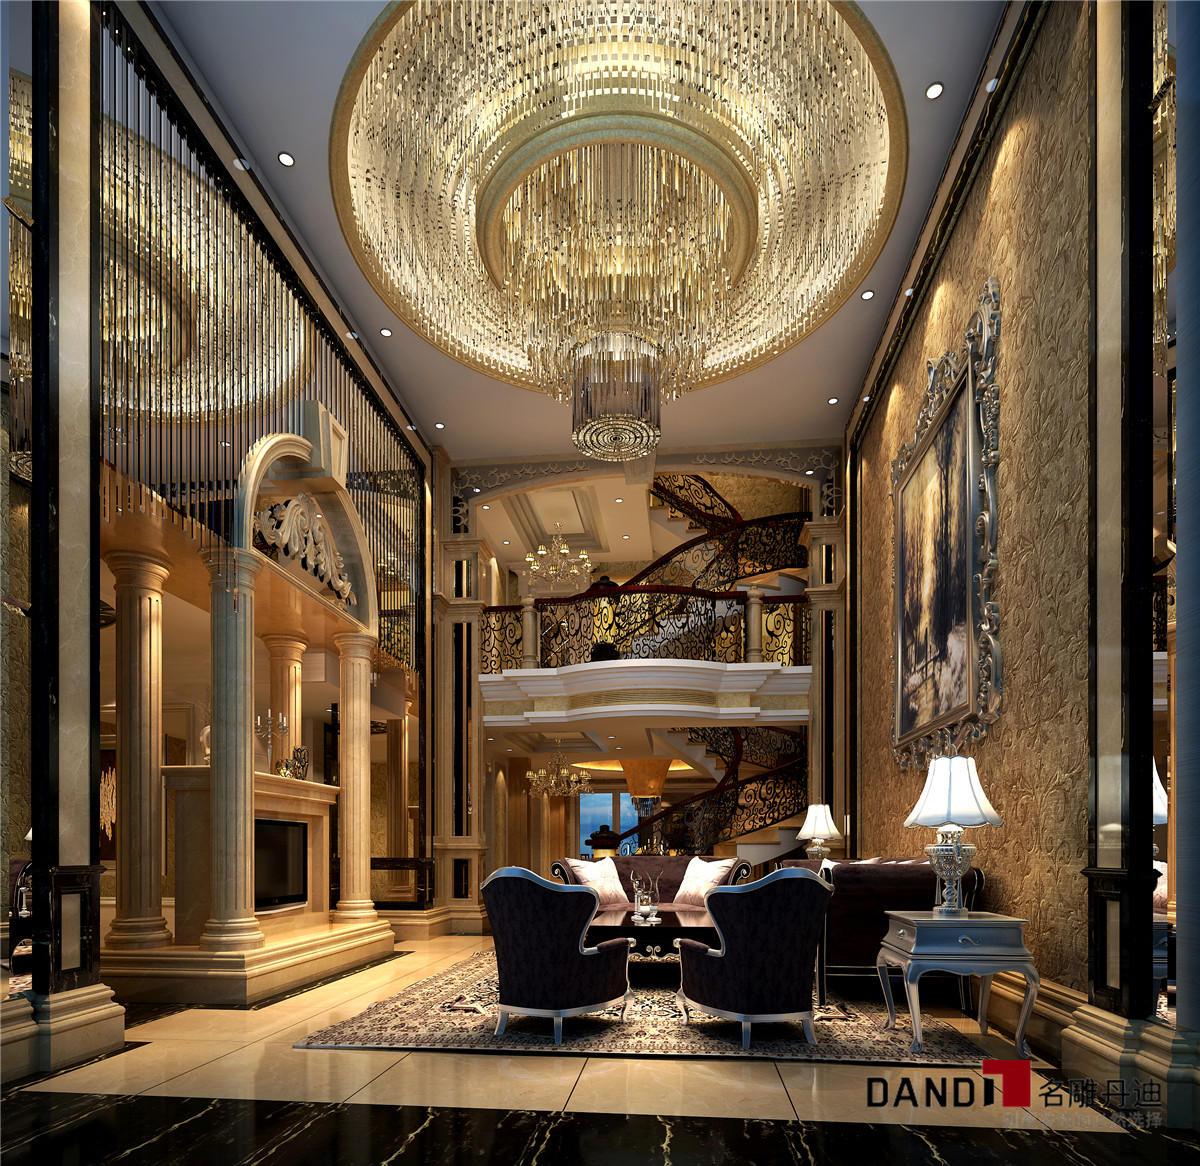 新古典 别墅 大方、新颖 简洁又奢华 客厅图片来自名雕丹迪在星河丹堤别墅的分享